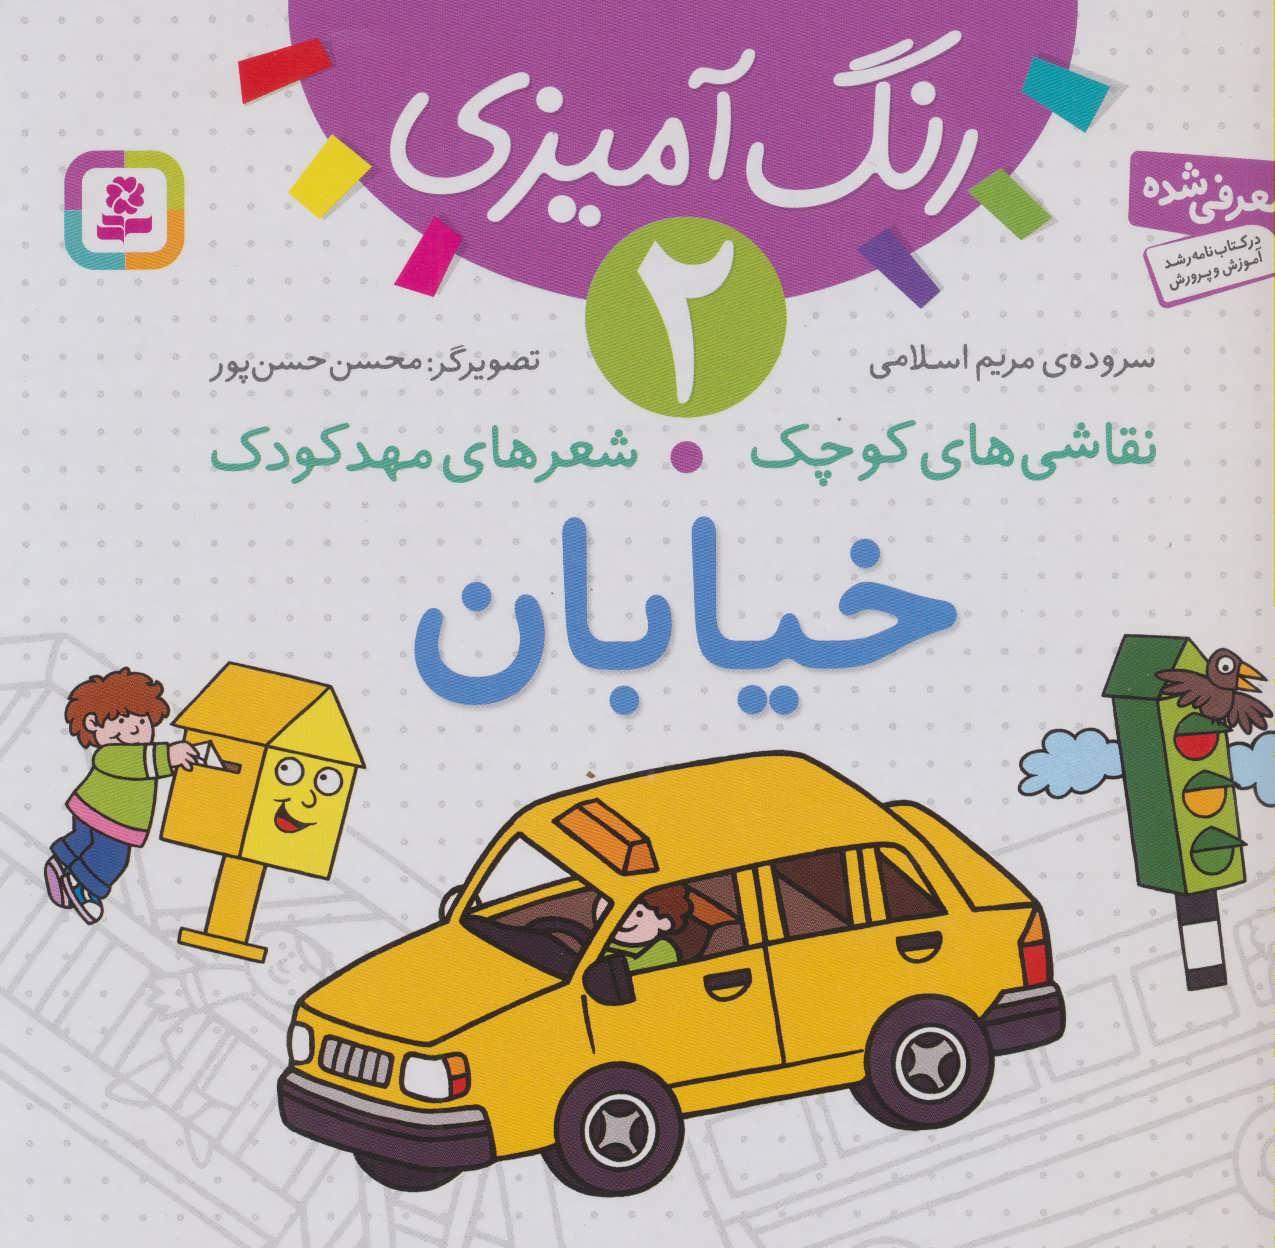 رنگ آمیزی 2 (نقاشی های کوچک،شعرهای مهد کودک:خیابان)